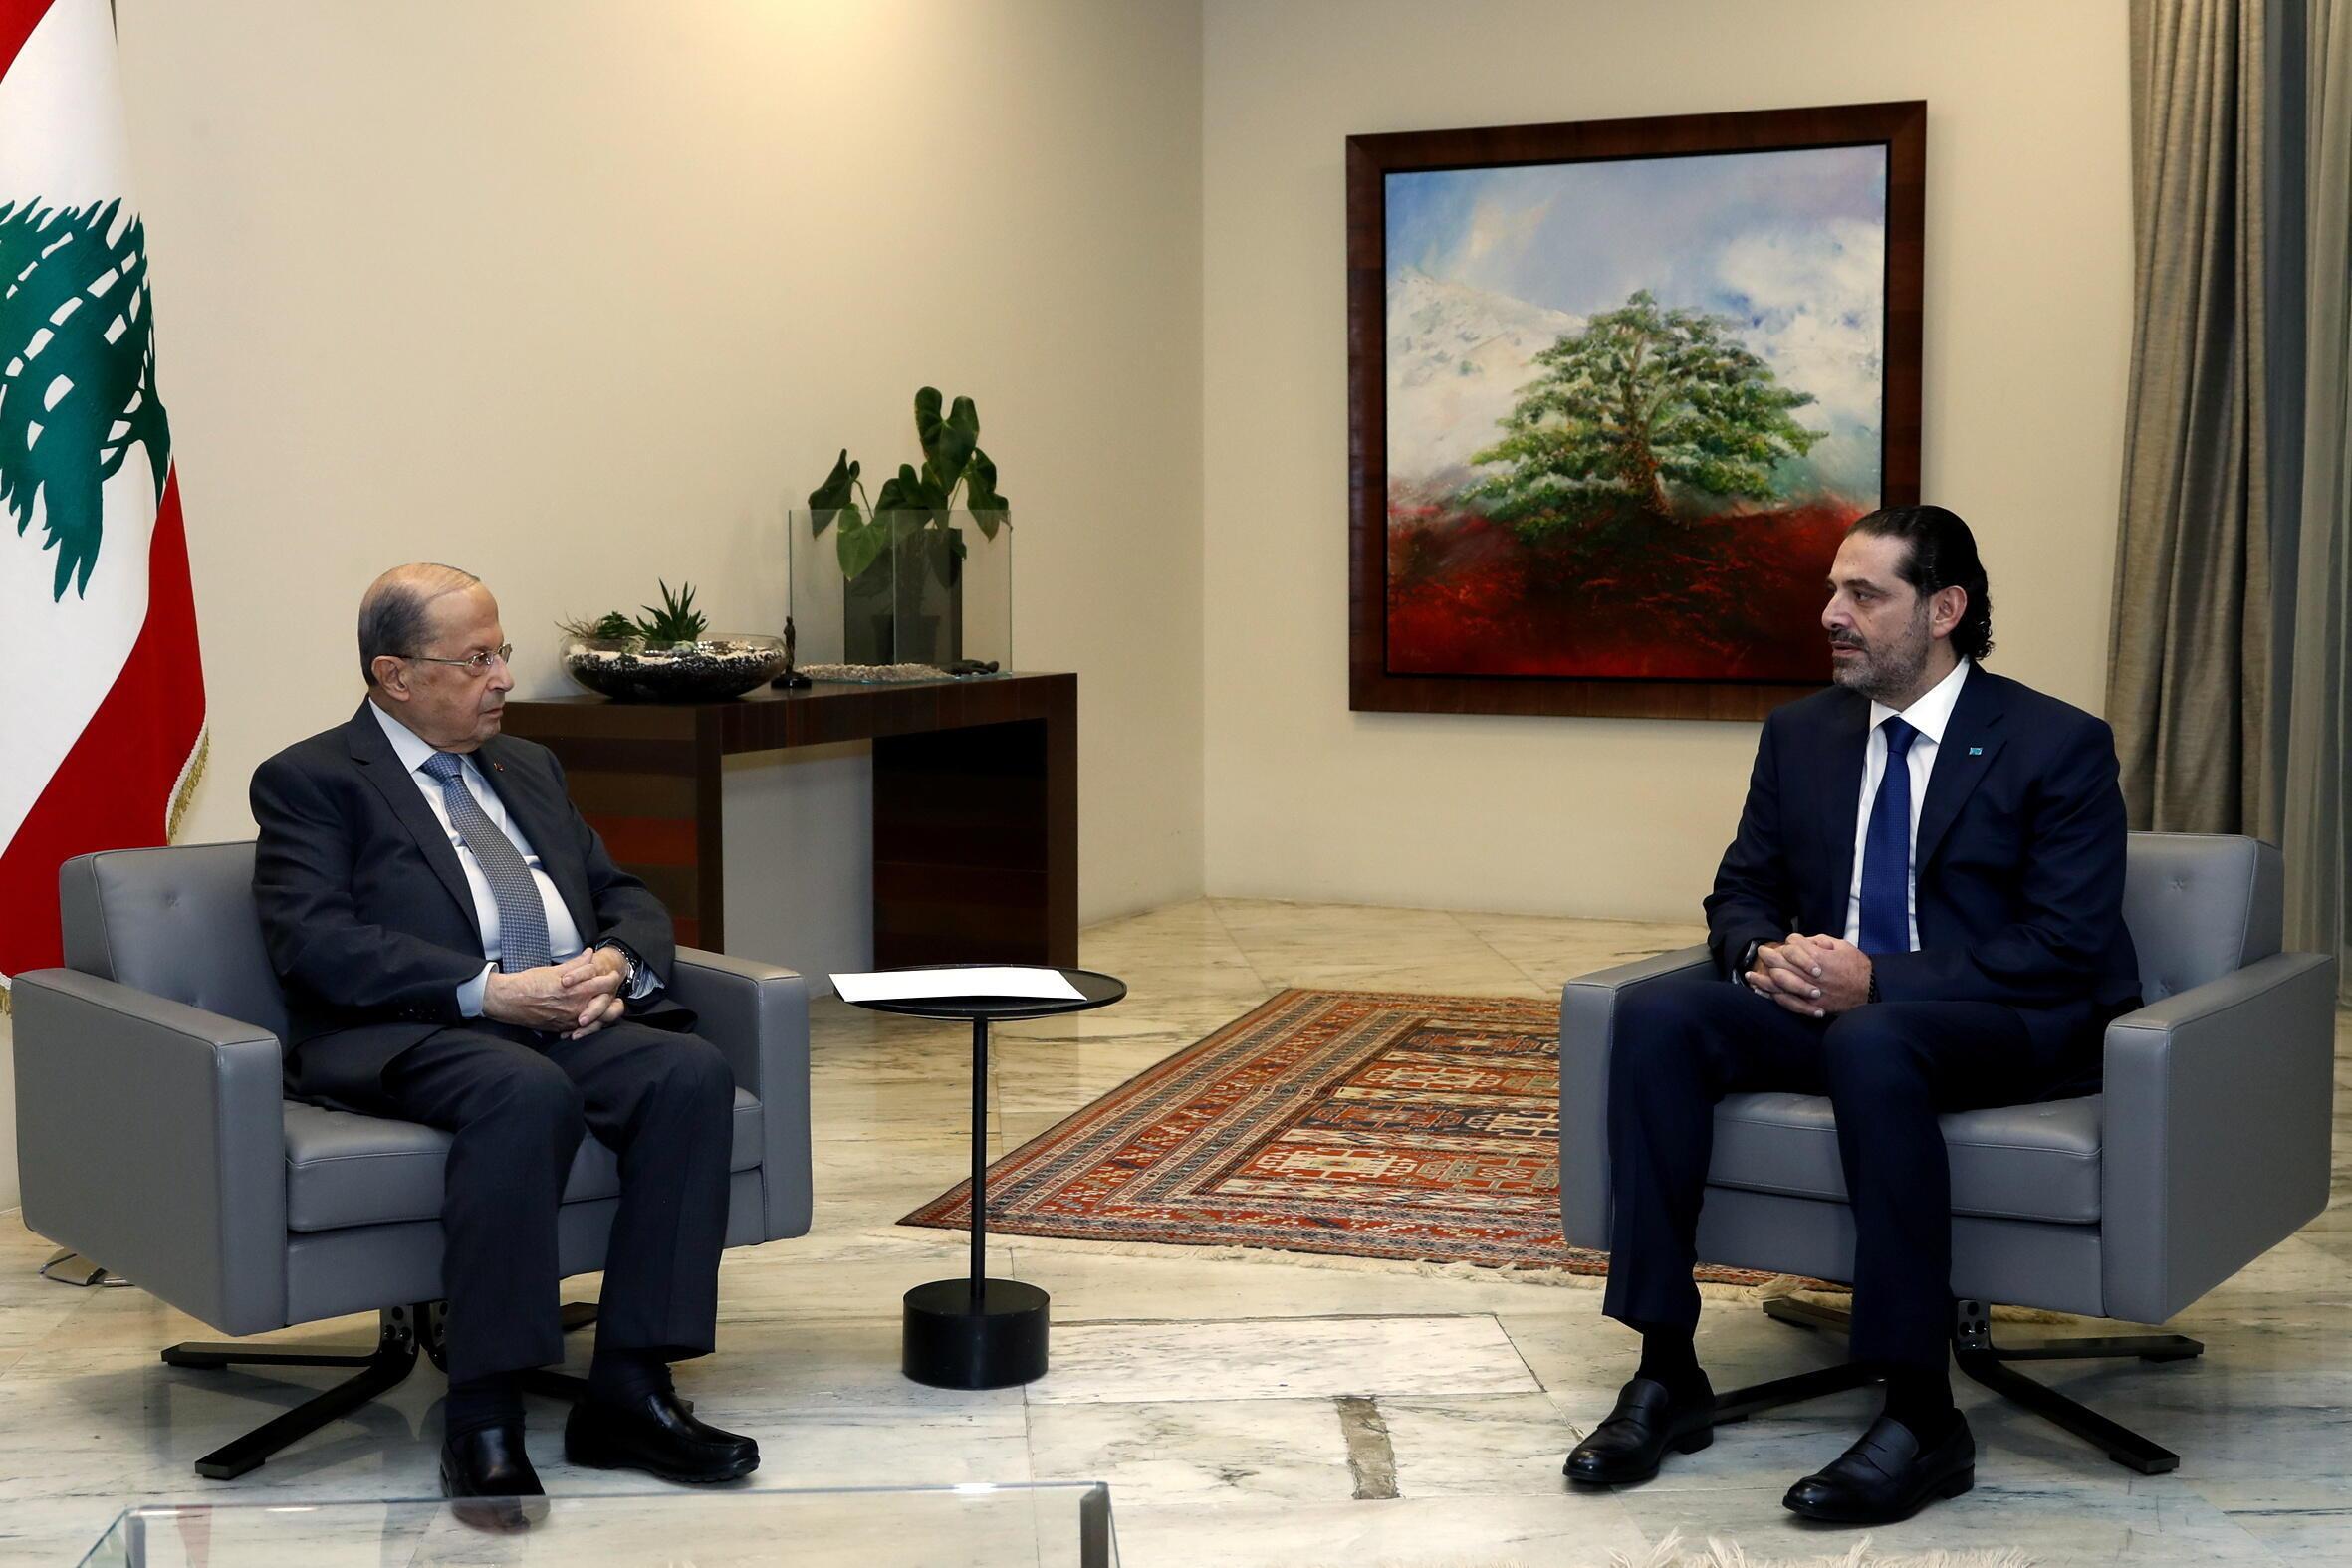 لقاء بين عون وسعد الحريري في قصر بعبدا (أرشيف)